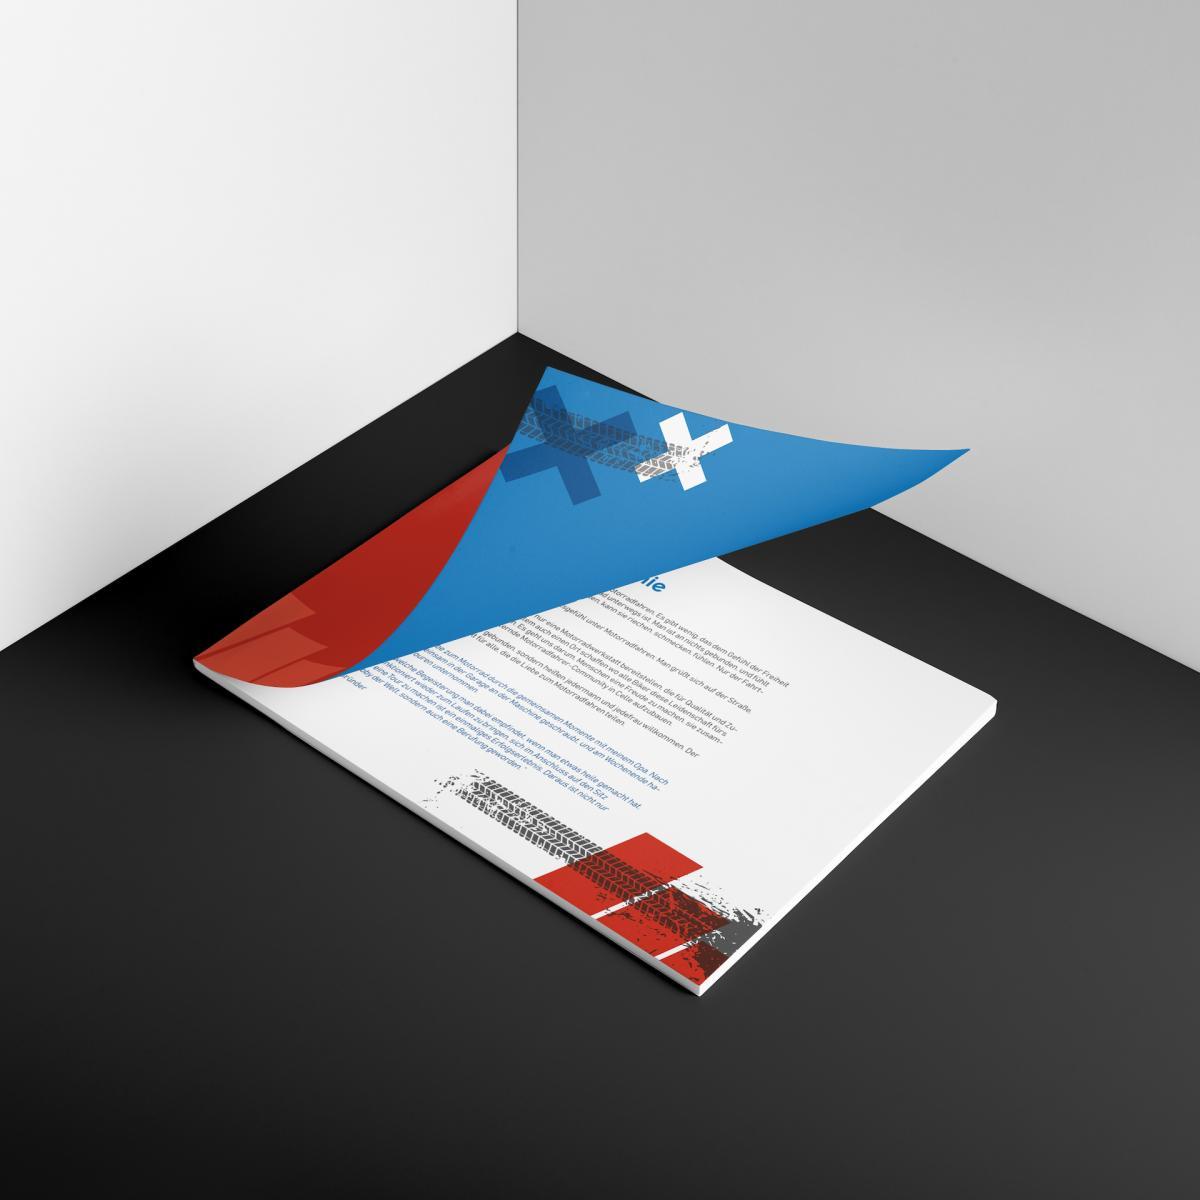 Das Brand-Identity-Dokument von Bikerpoint mit halb aufgeklapptem Cover auf einer Unterlage